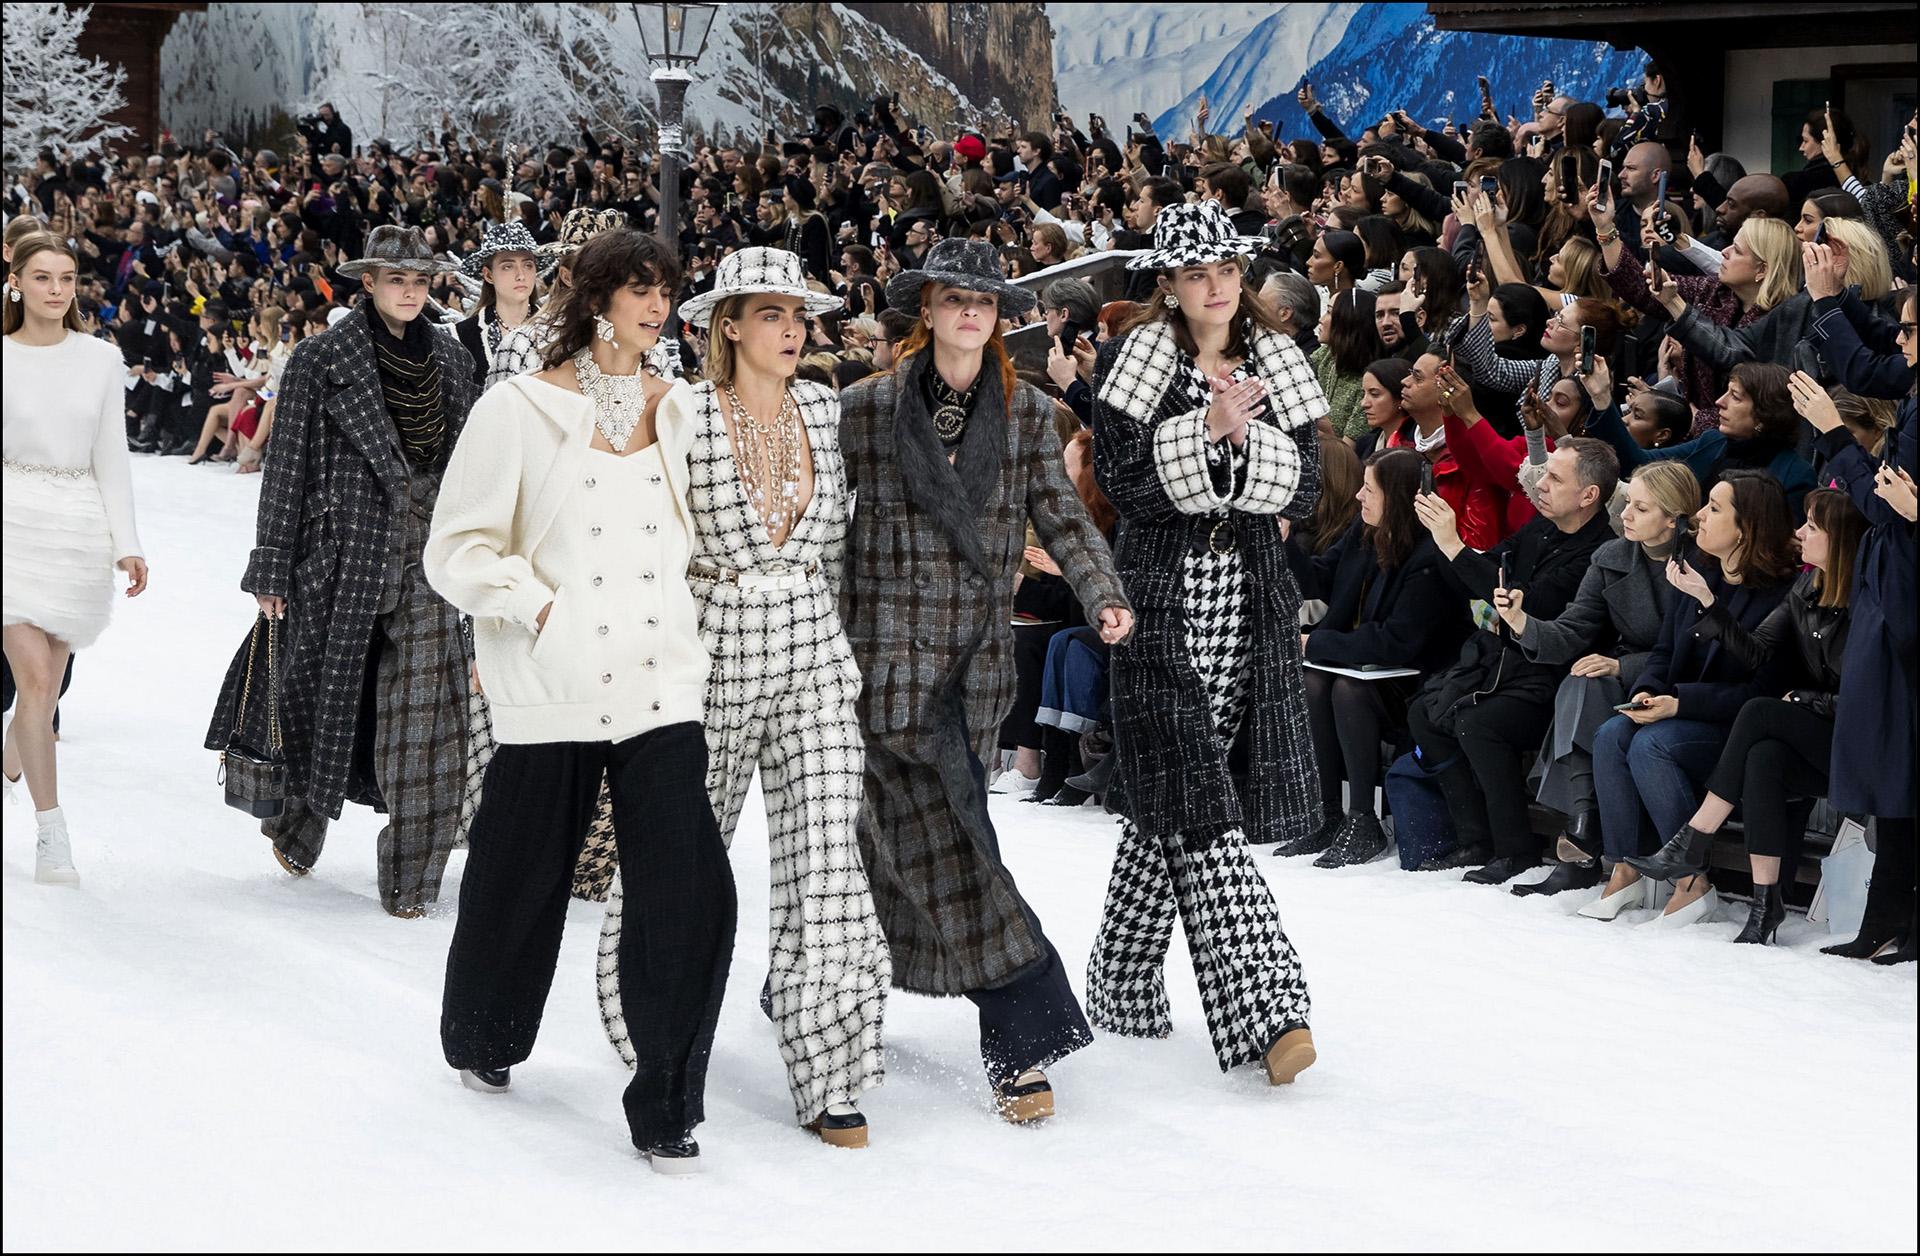 """Cara Delevingne - People au dÈfilÈ de mode PrÍt-‡-Porter automne-hiver 2019/2020 """"Chanel"""" ‡ Paris. Le 5 mars 2019 --- People attends the PAP F/W 2019/2020 Chanel fashion show in Paris. On march 5th 2019"""